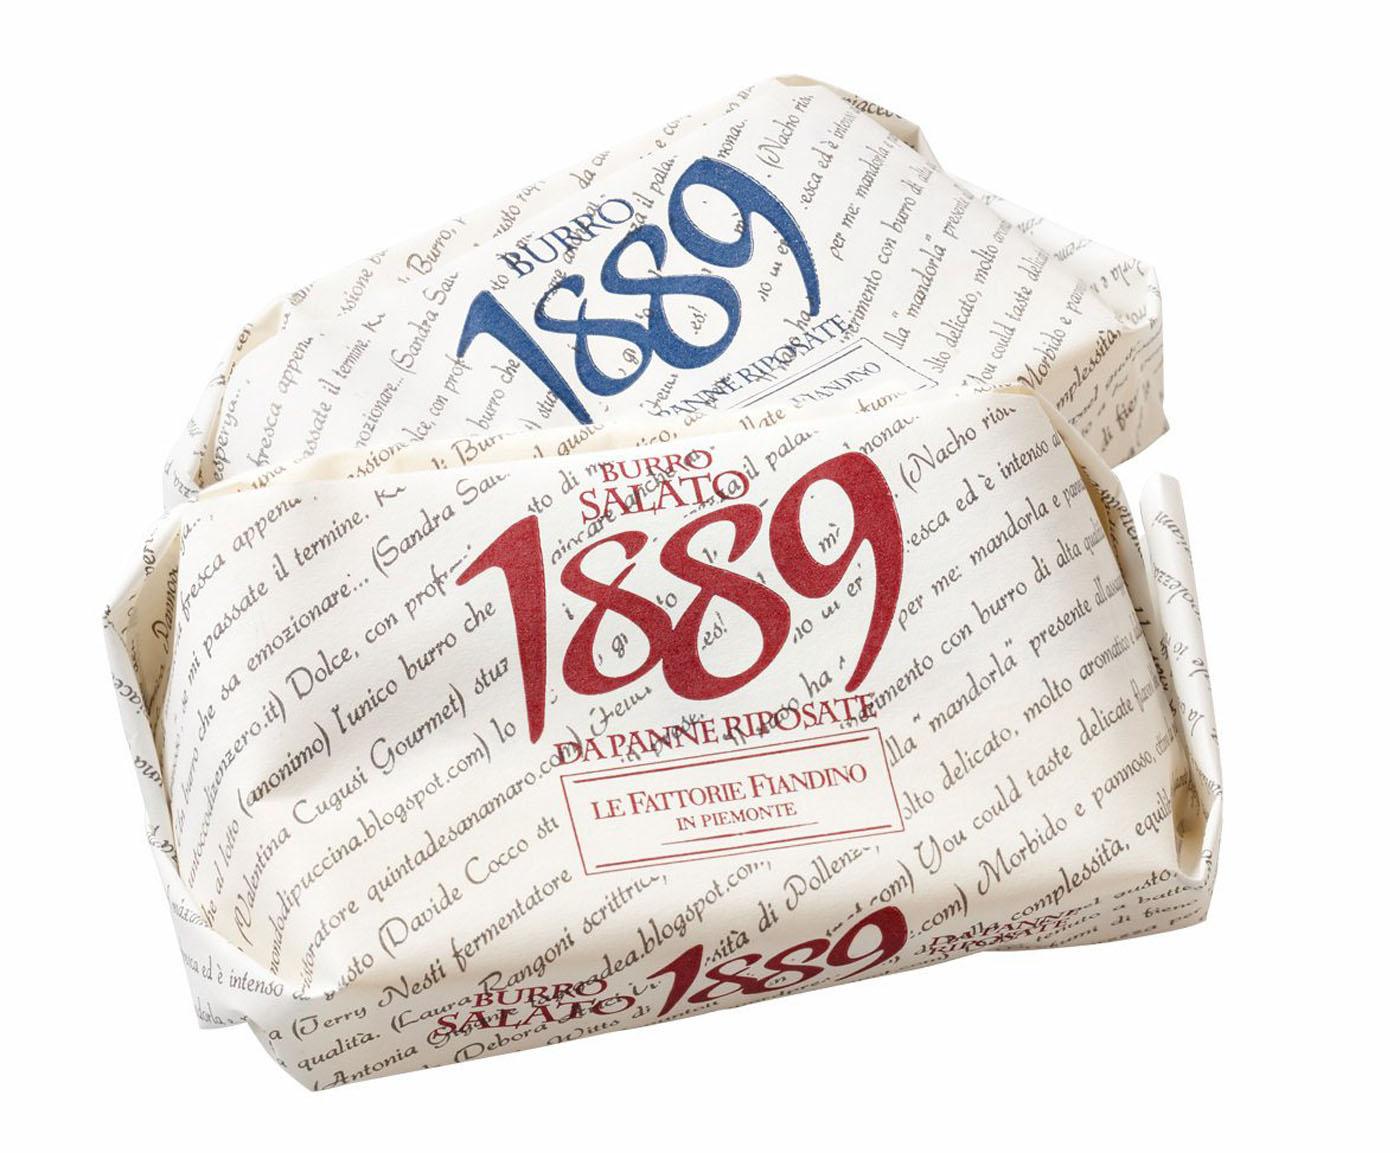 Burro 1889 salato 100 g Fiandino  ( Kühlartikel)